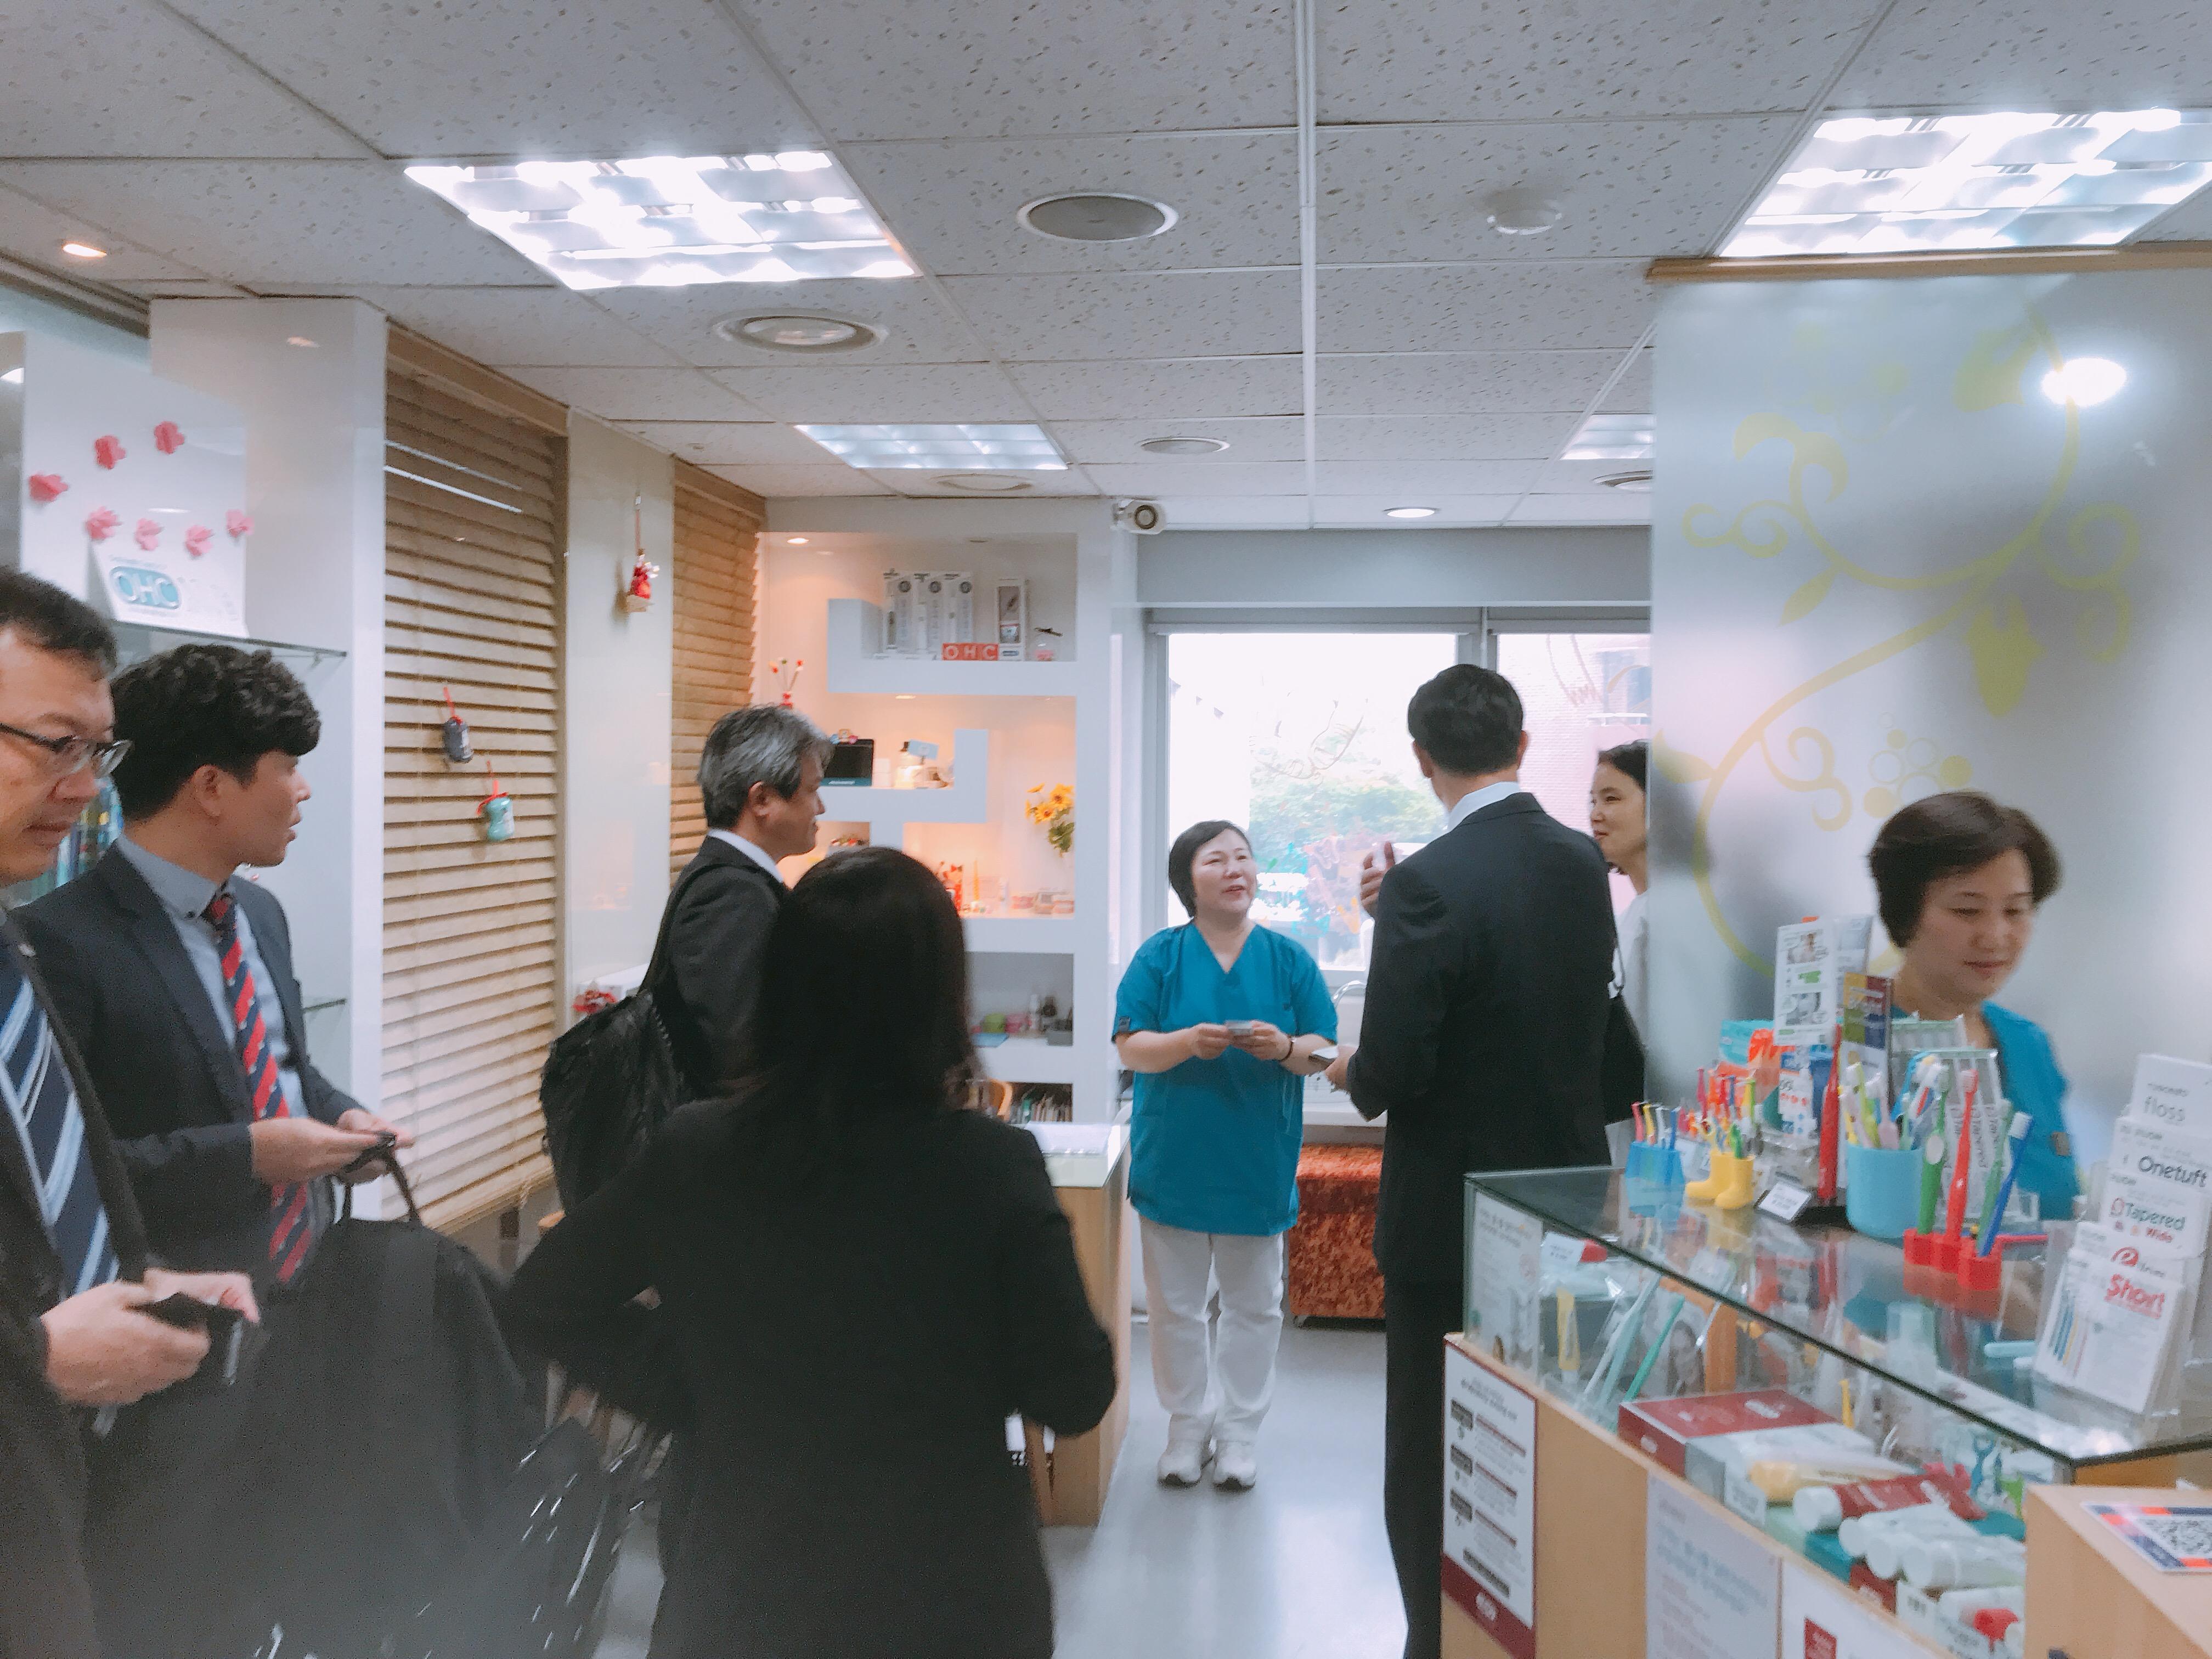 2019-5-13 일본 라이온 본사 직원 혜화방문 16.jpg